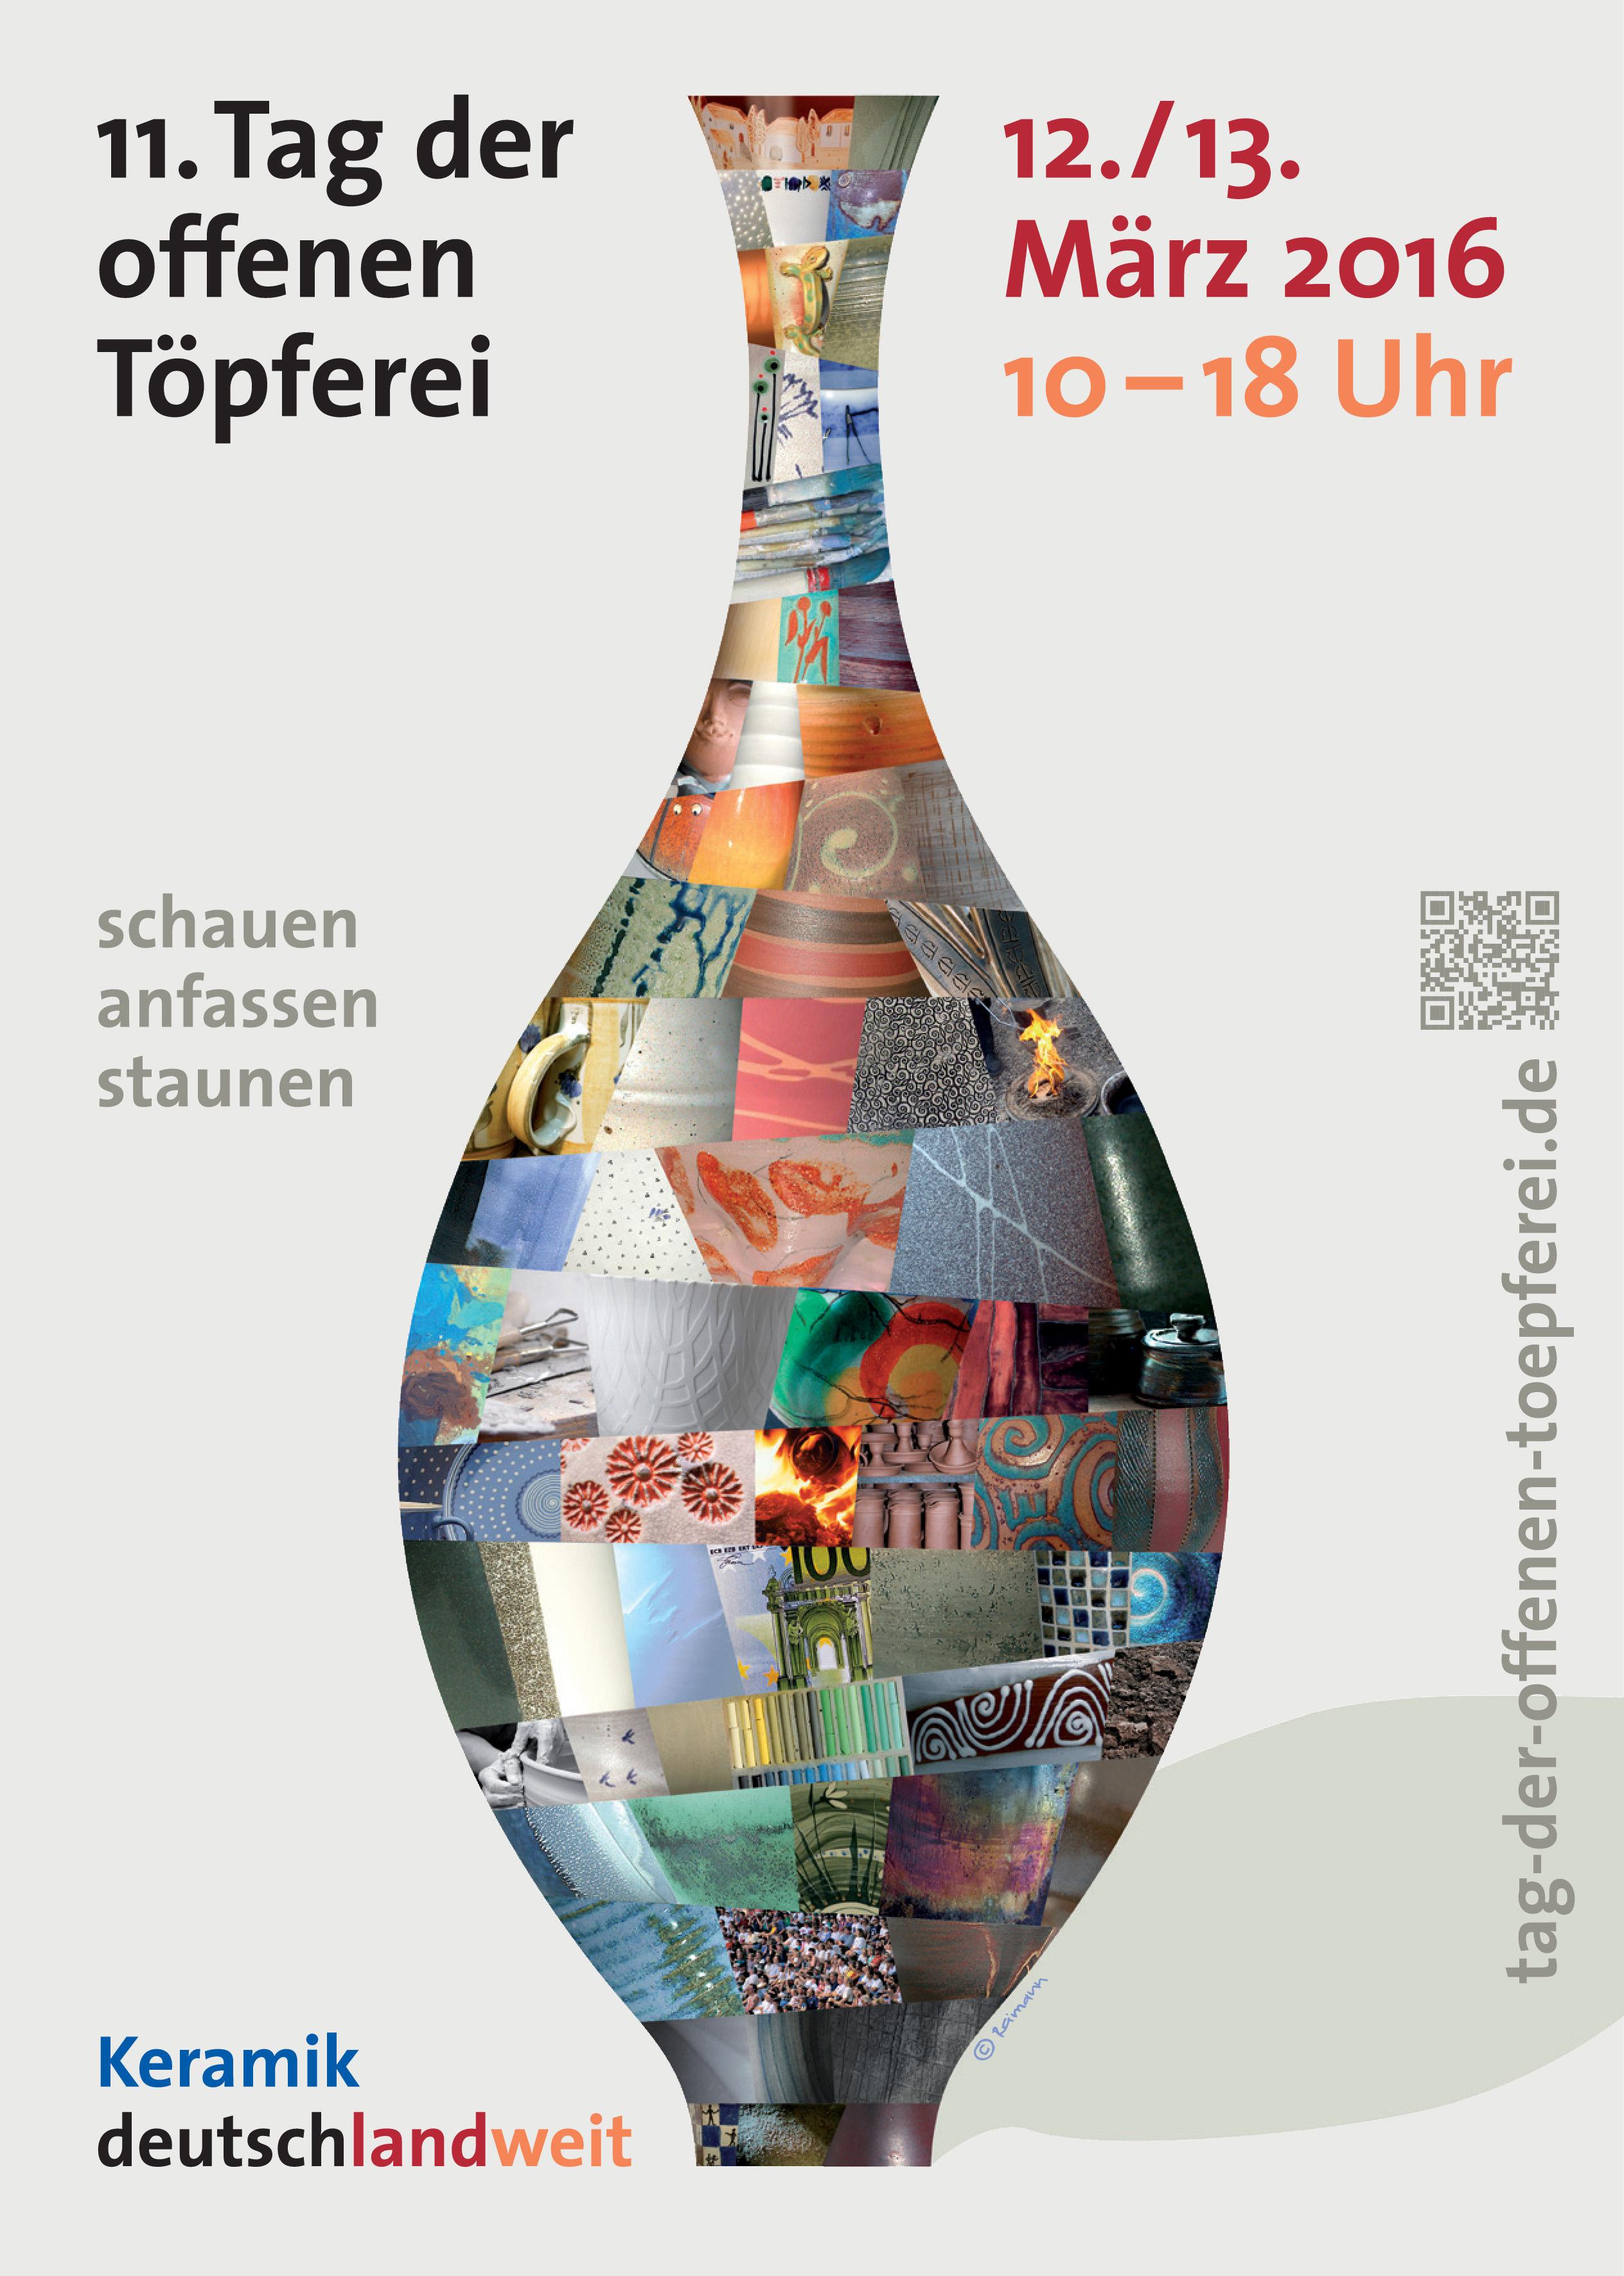 Postkarte TdoT 2016 für Medien